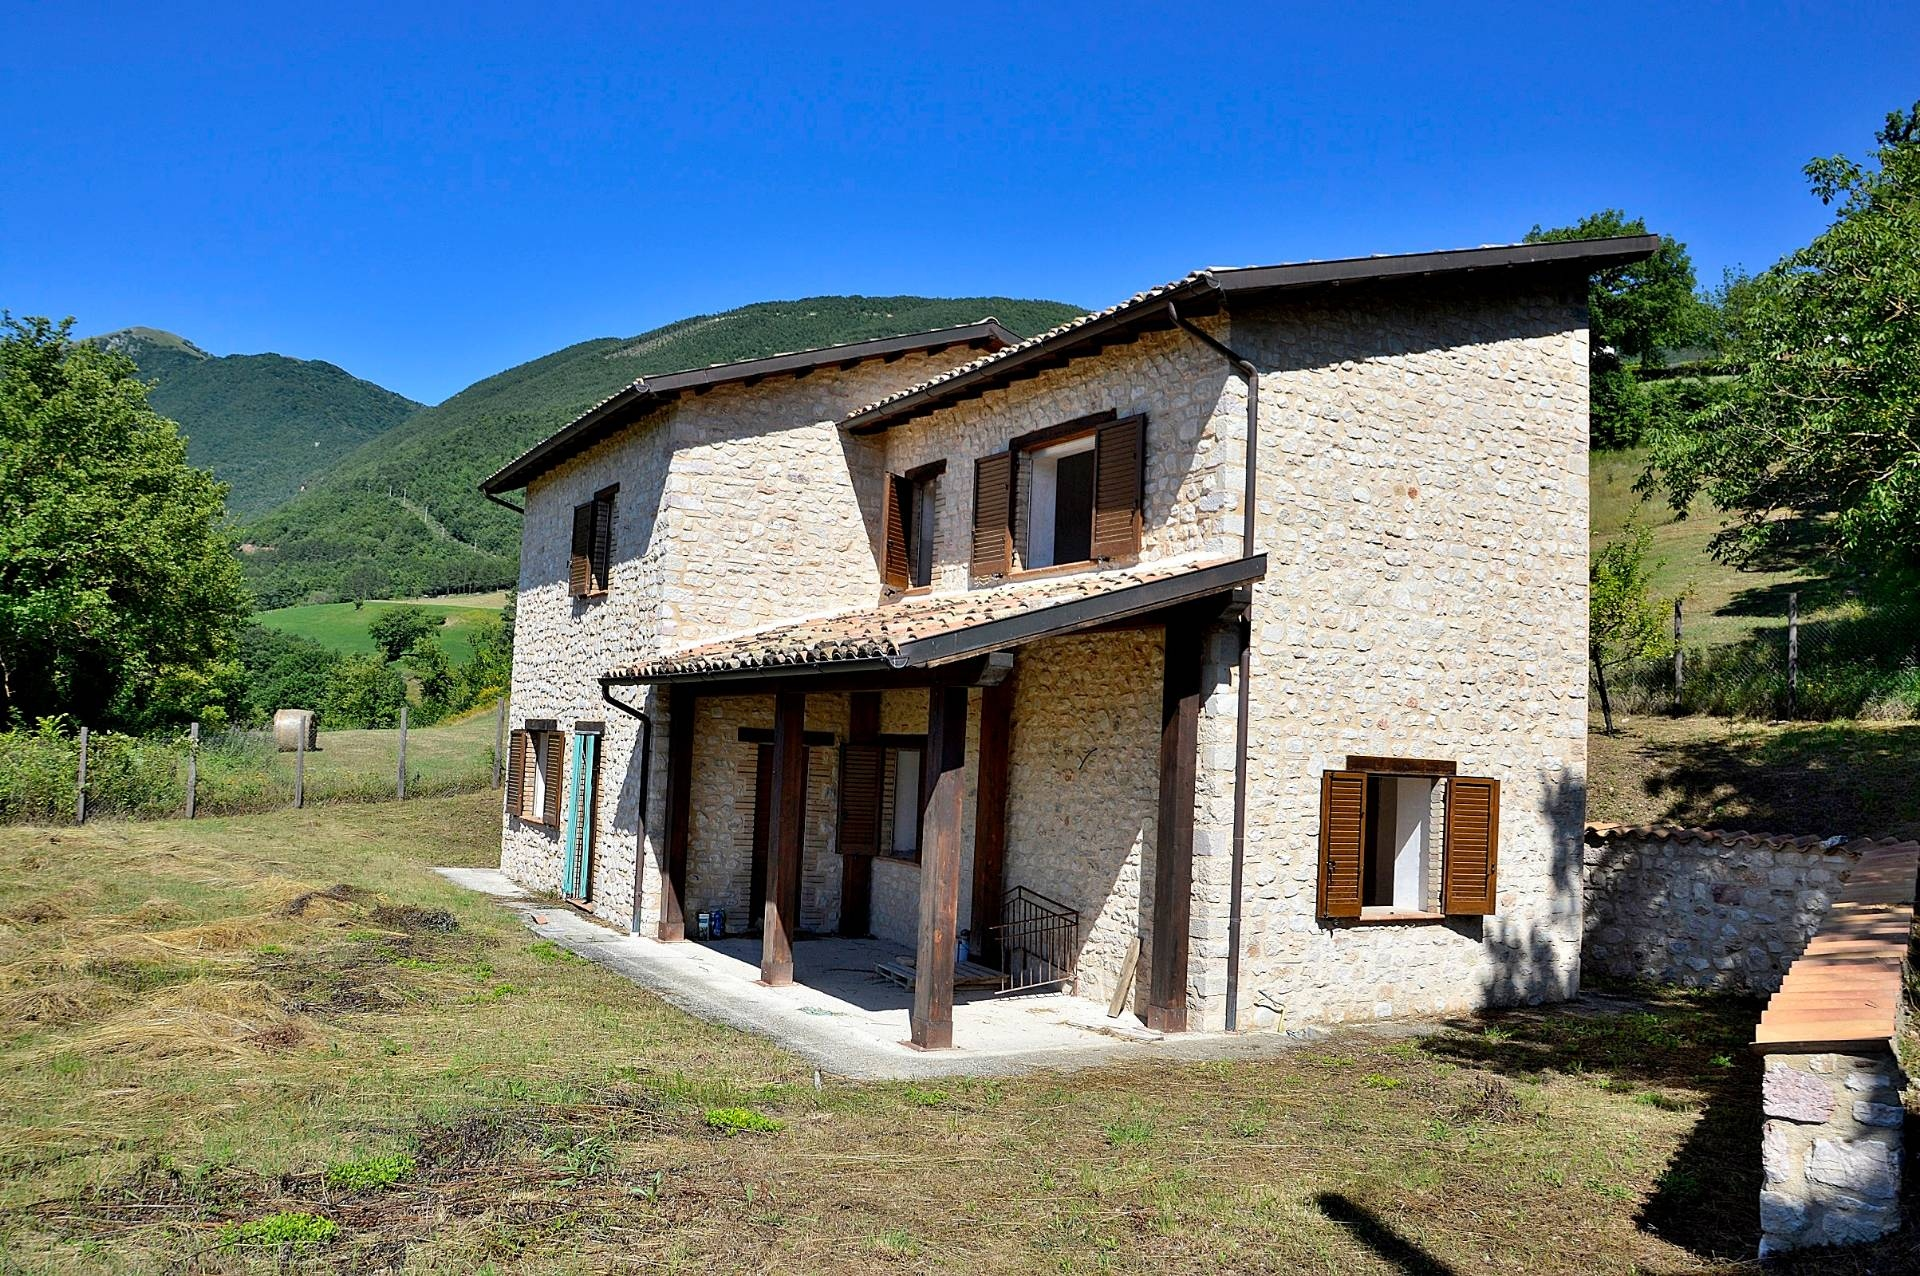 Rustico / Casale in vendita a Cerreto di Spoleto, 7 locali, zona Località: Collesoglio, prezzo € 169.000 | CambioCasa.it